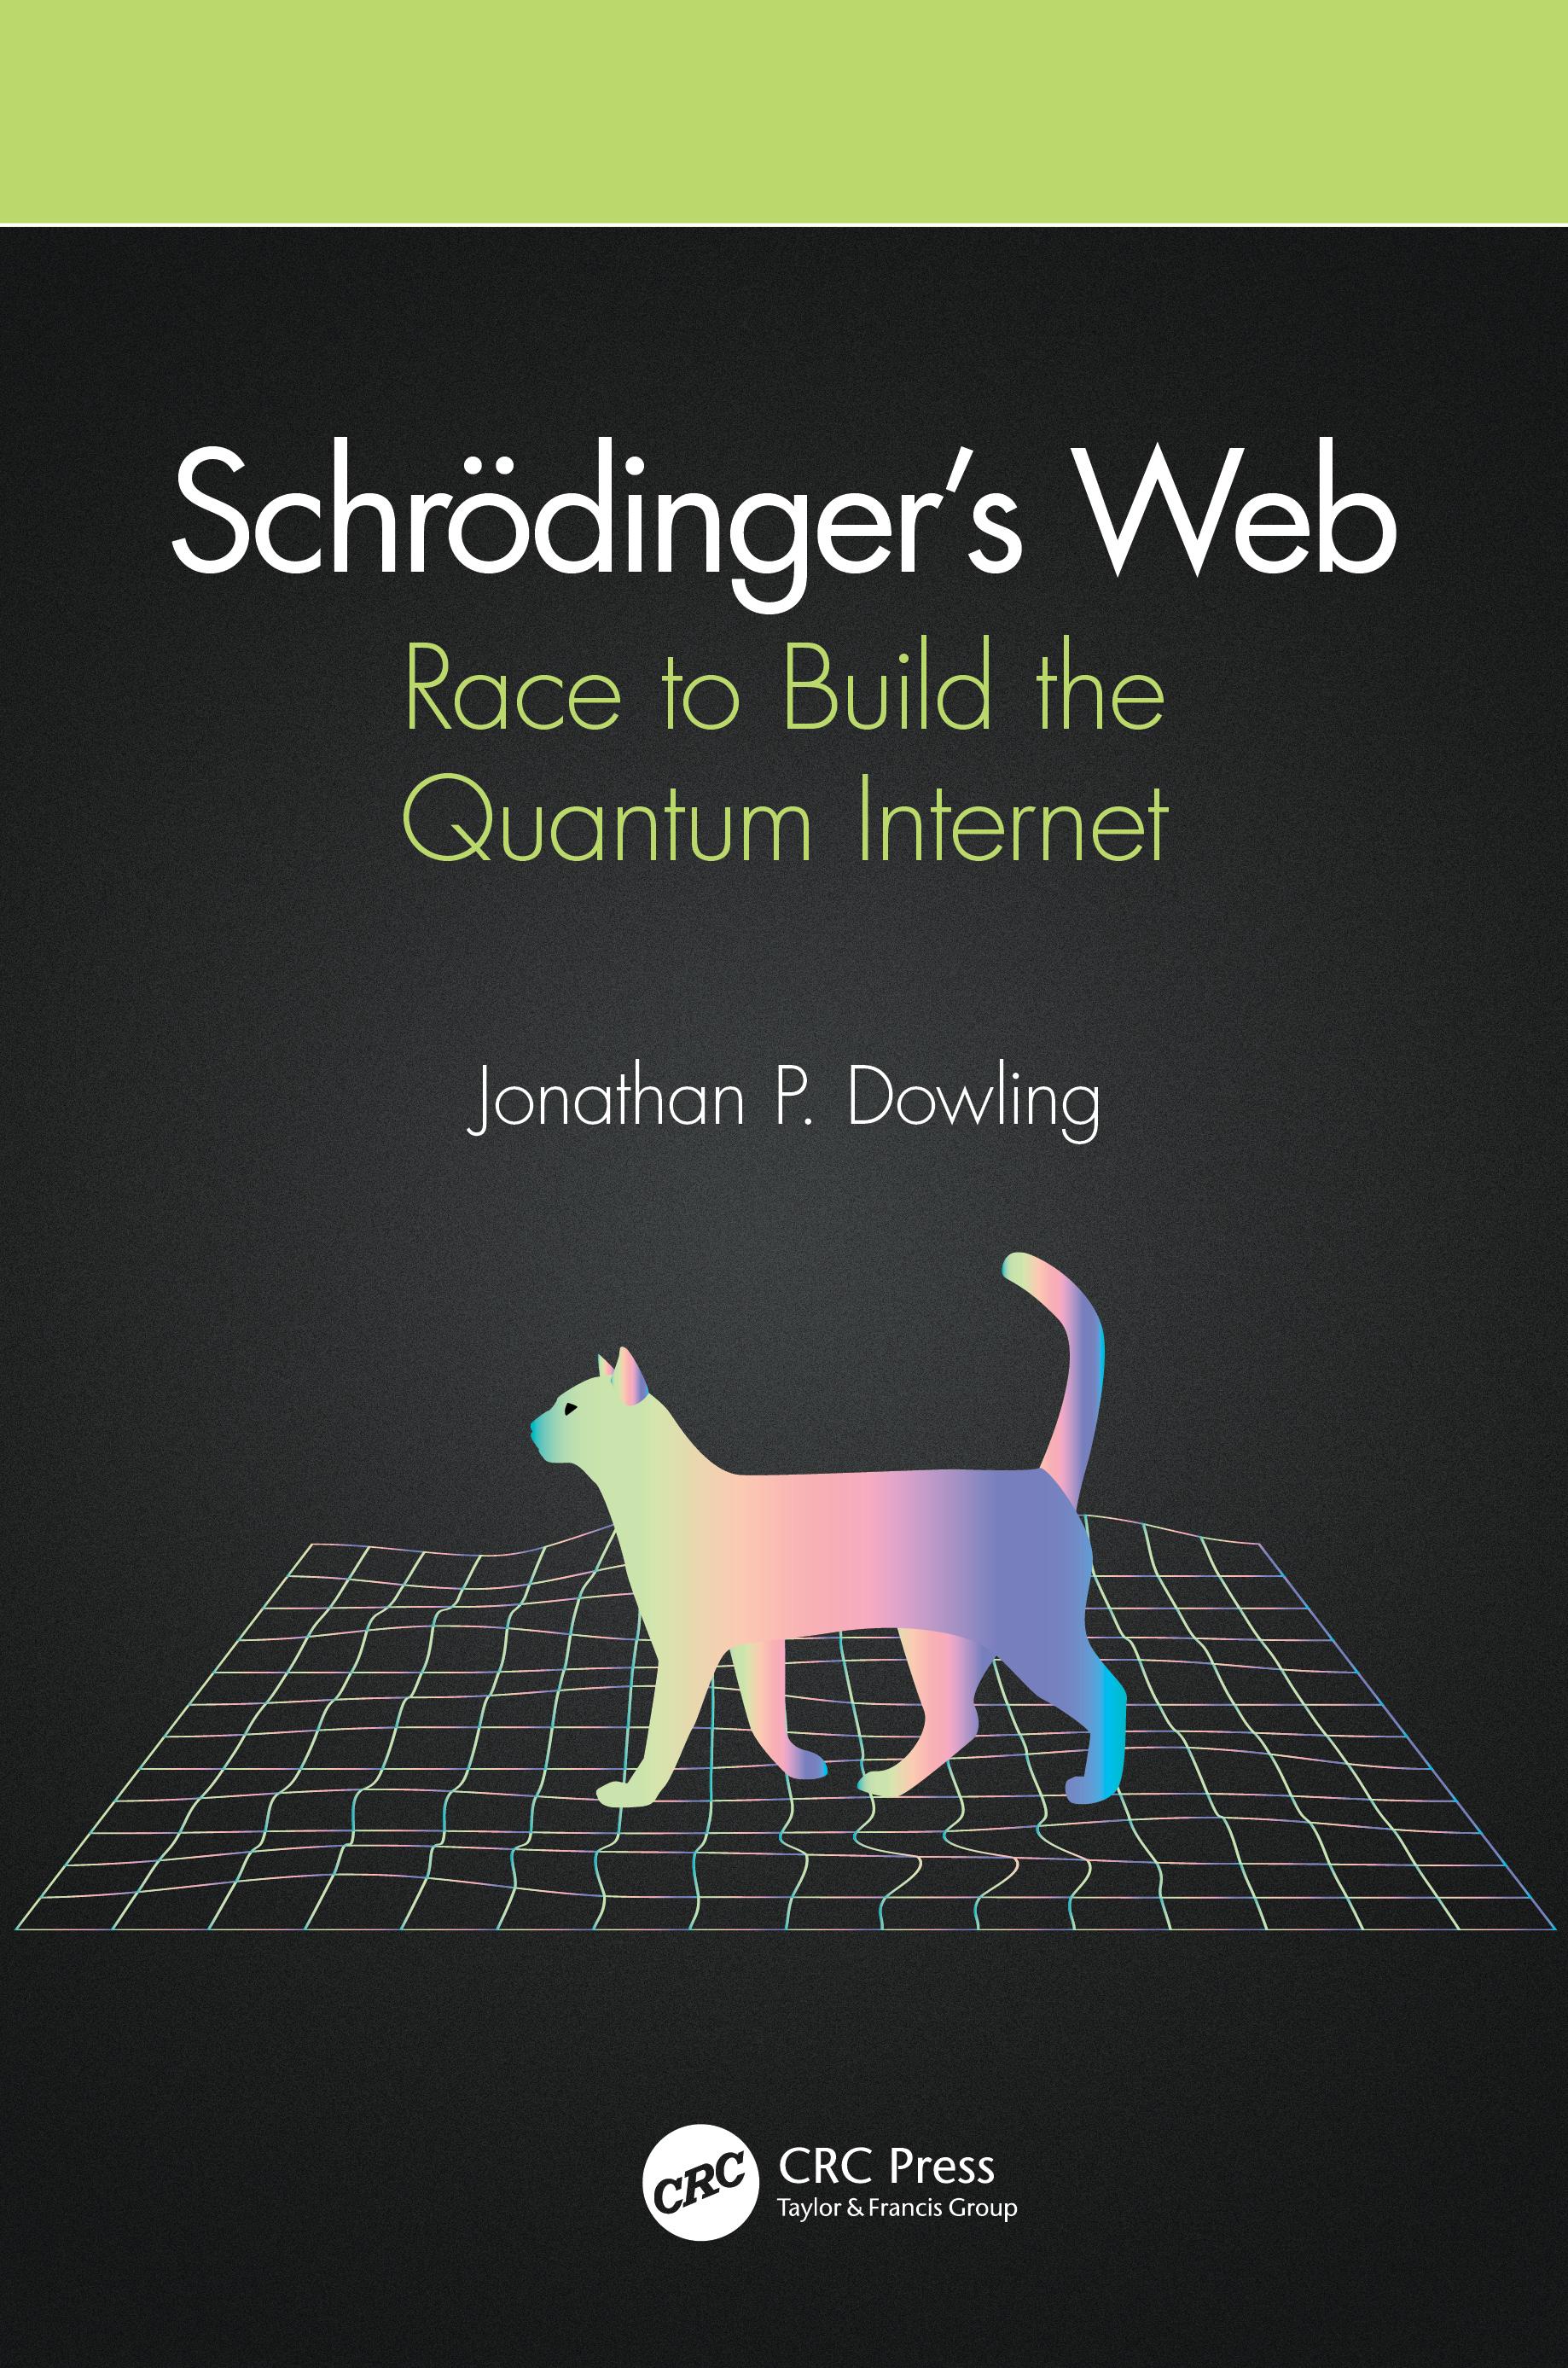 Schrödinger's Web: Race to Build the Quantum Internet book cover